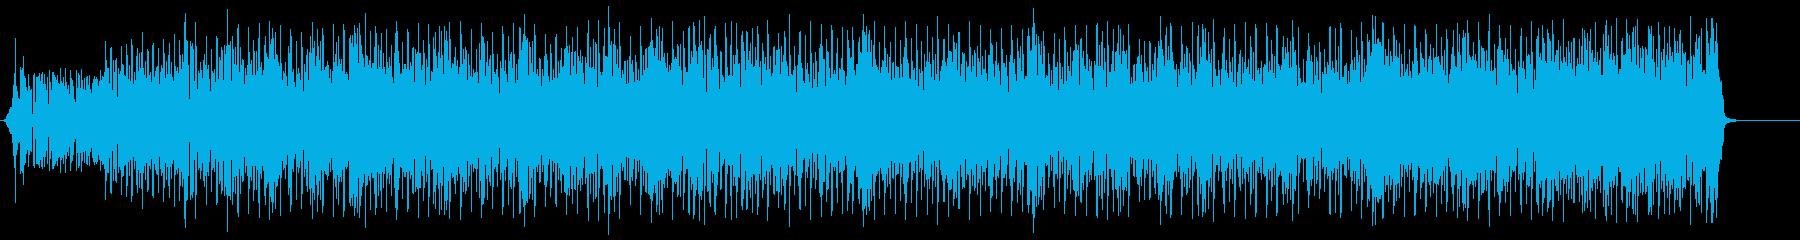 前向きでエネルギッシュなポップロックの再生済みの波形